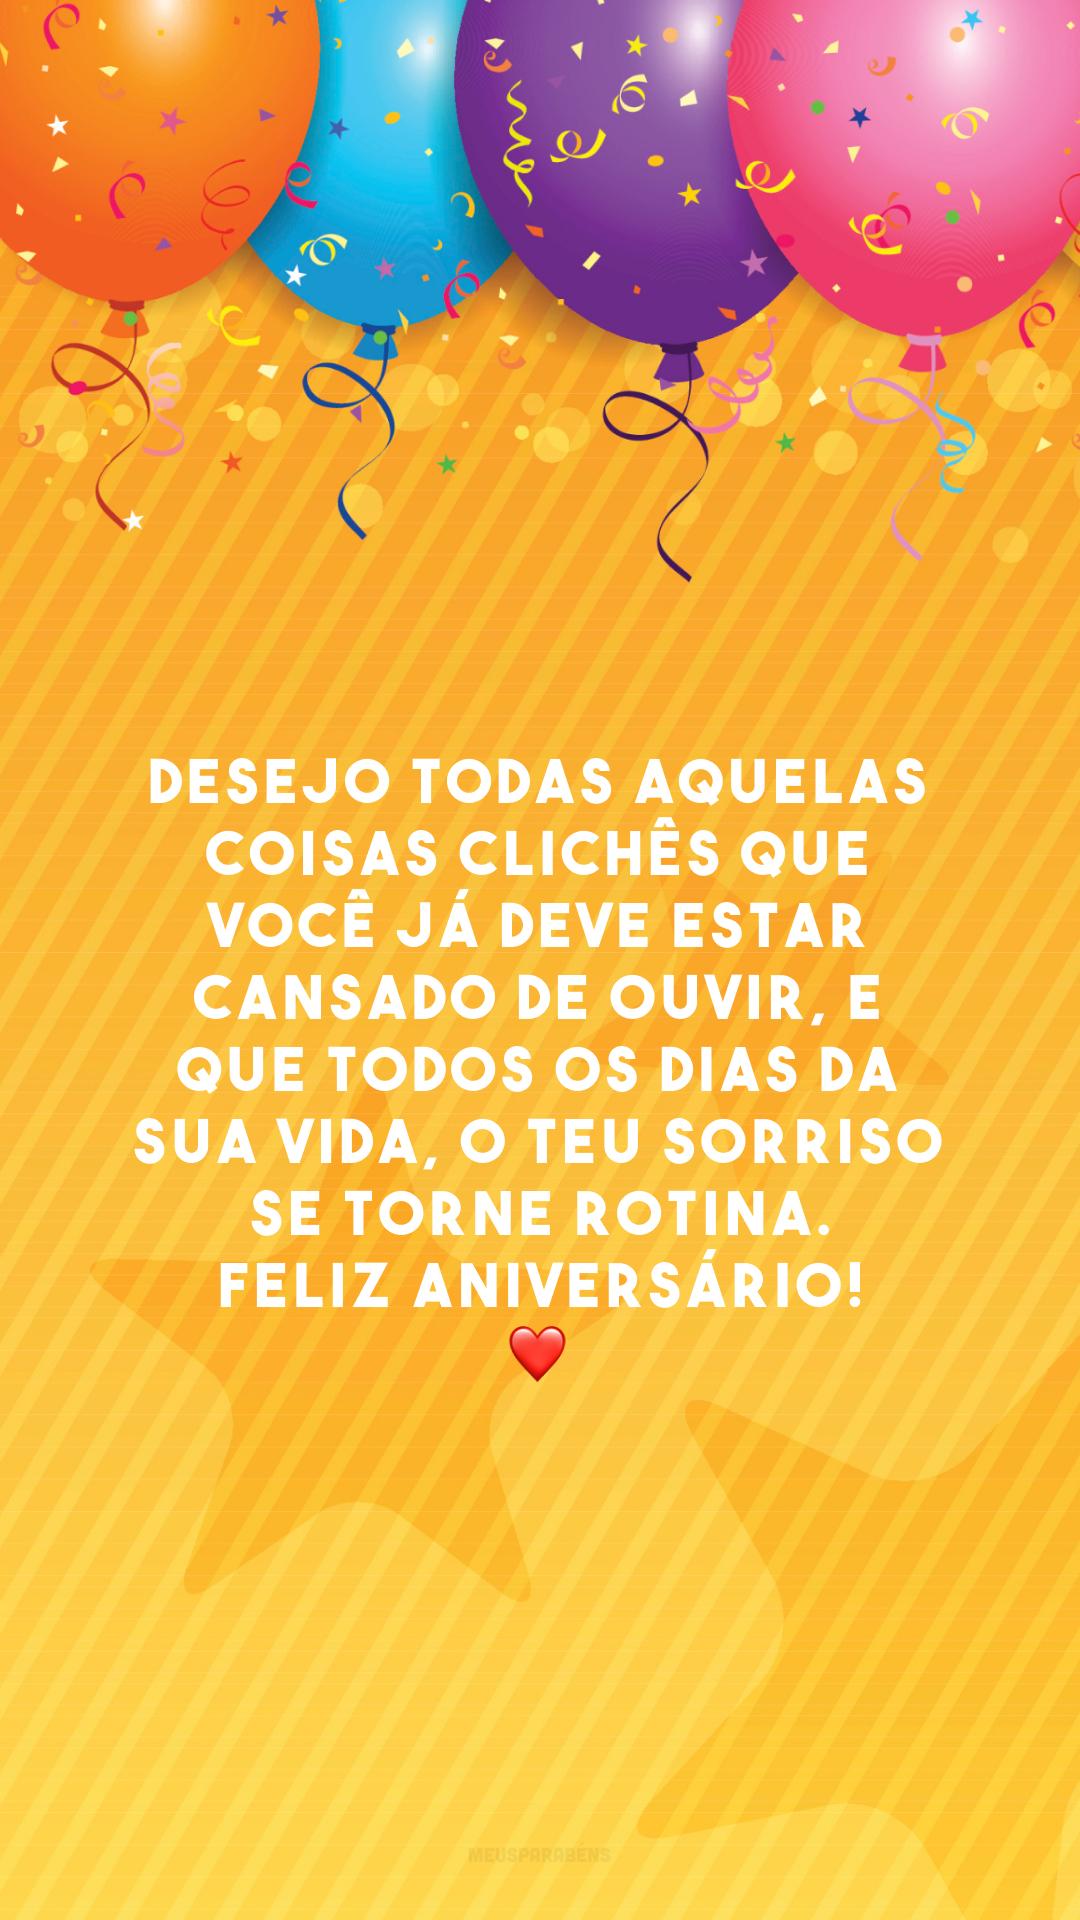 Desejo todas aquelas coisas clichês que você já deve estar cansado de ouvir, e que todos os dias da sua vida, o teu sorriso se torne rotina. Feliz aniversário! ❤️